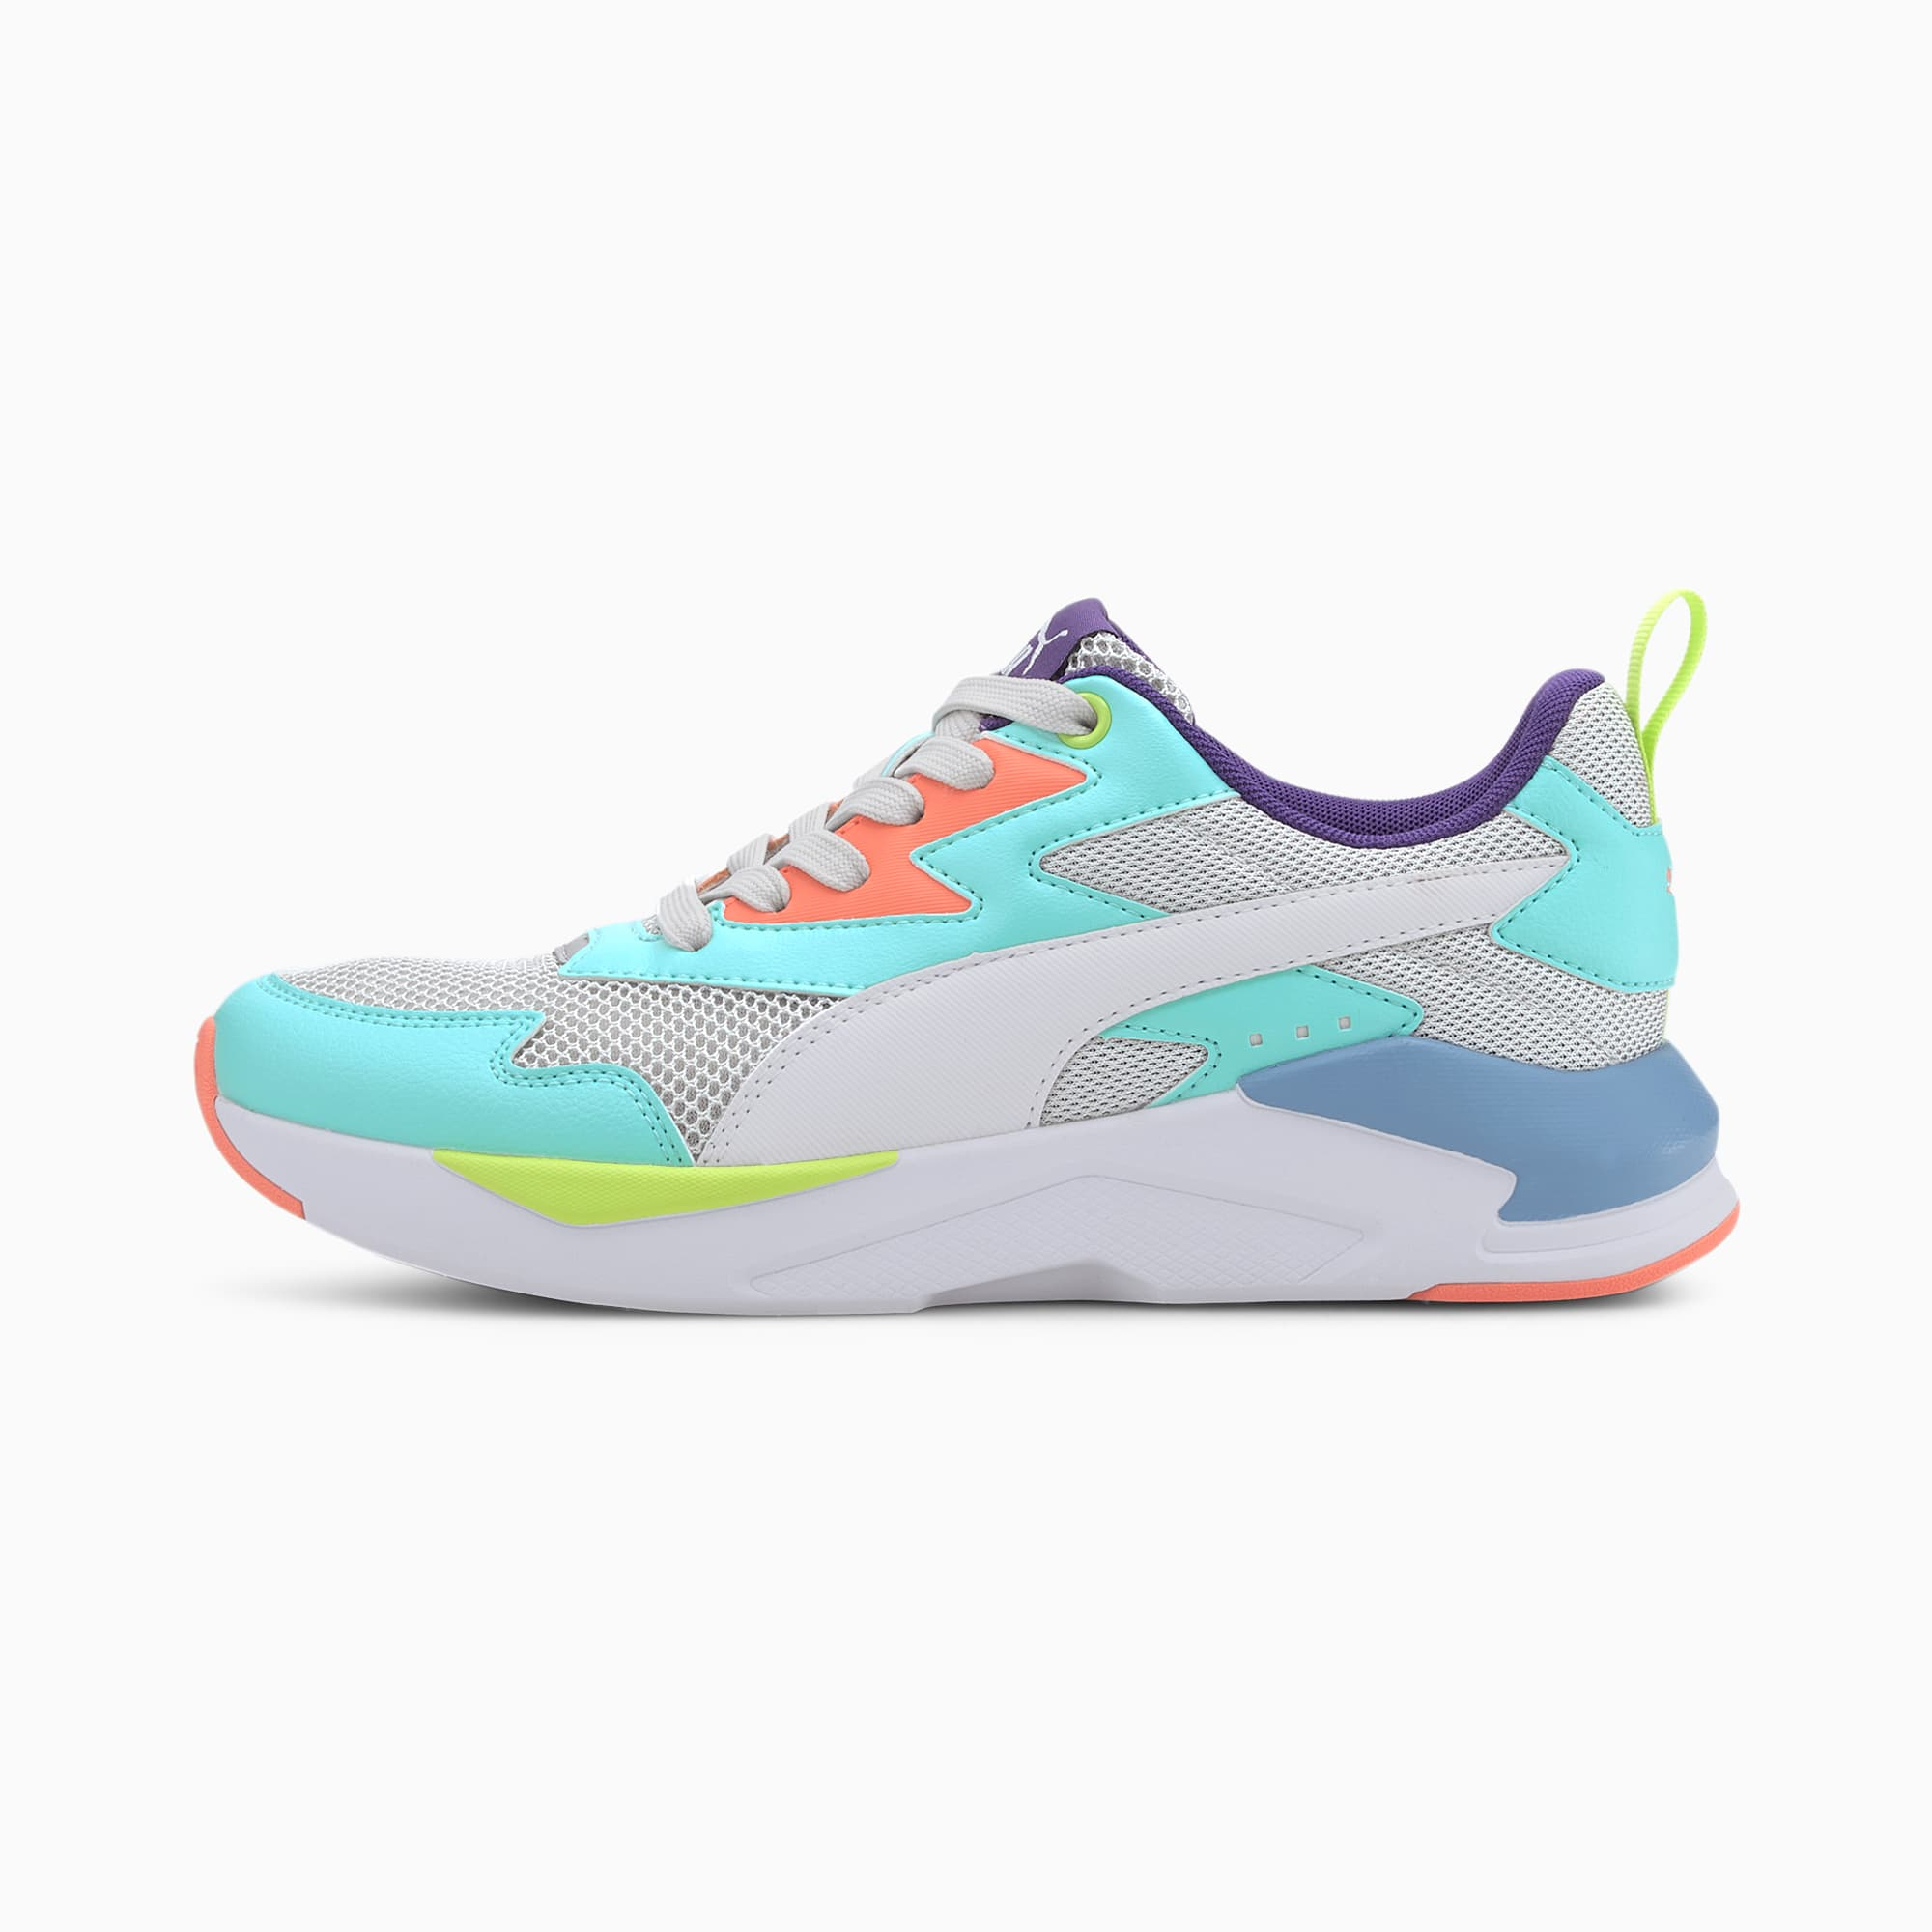 PUMA X-Ray Lite Sneaker Schuhe Für Herren   Mit Aucun   Weiß/Blau   Größe: 37.5